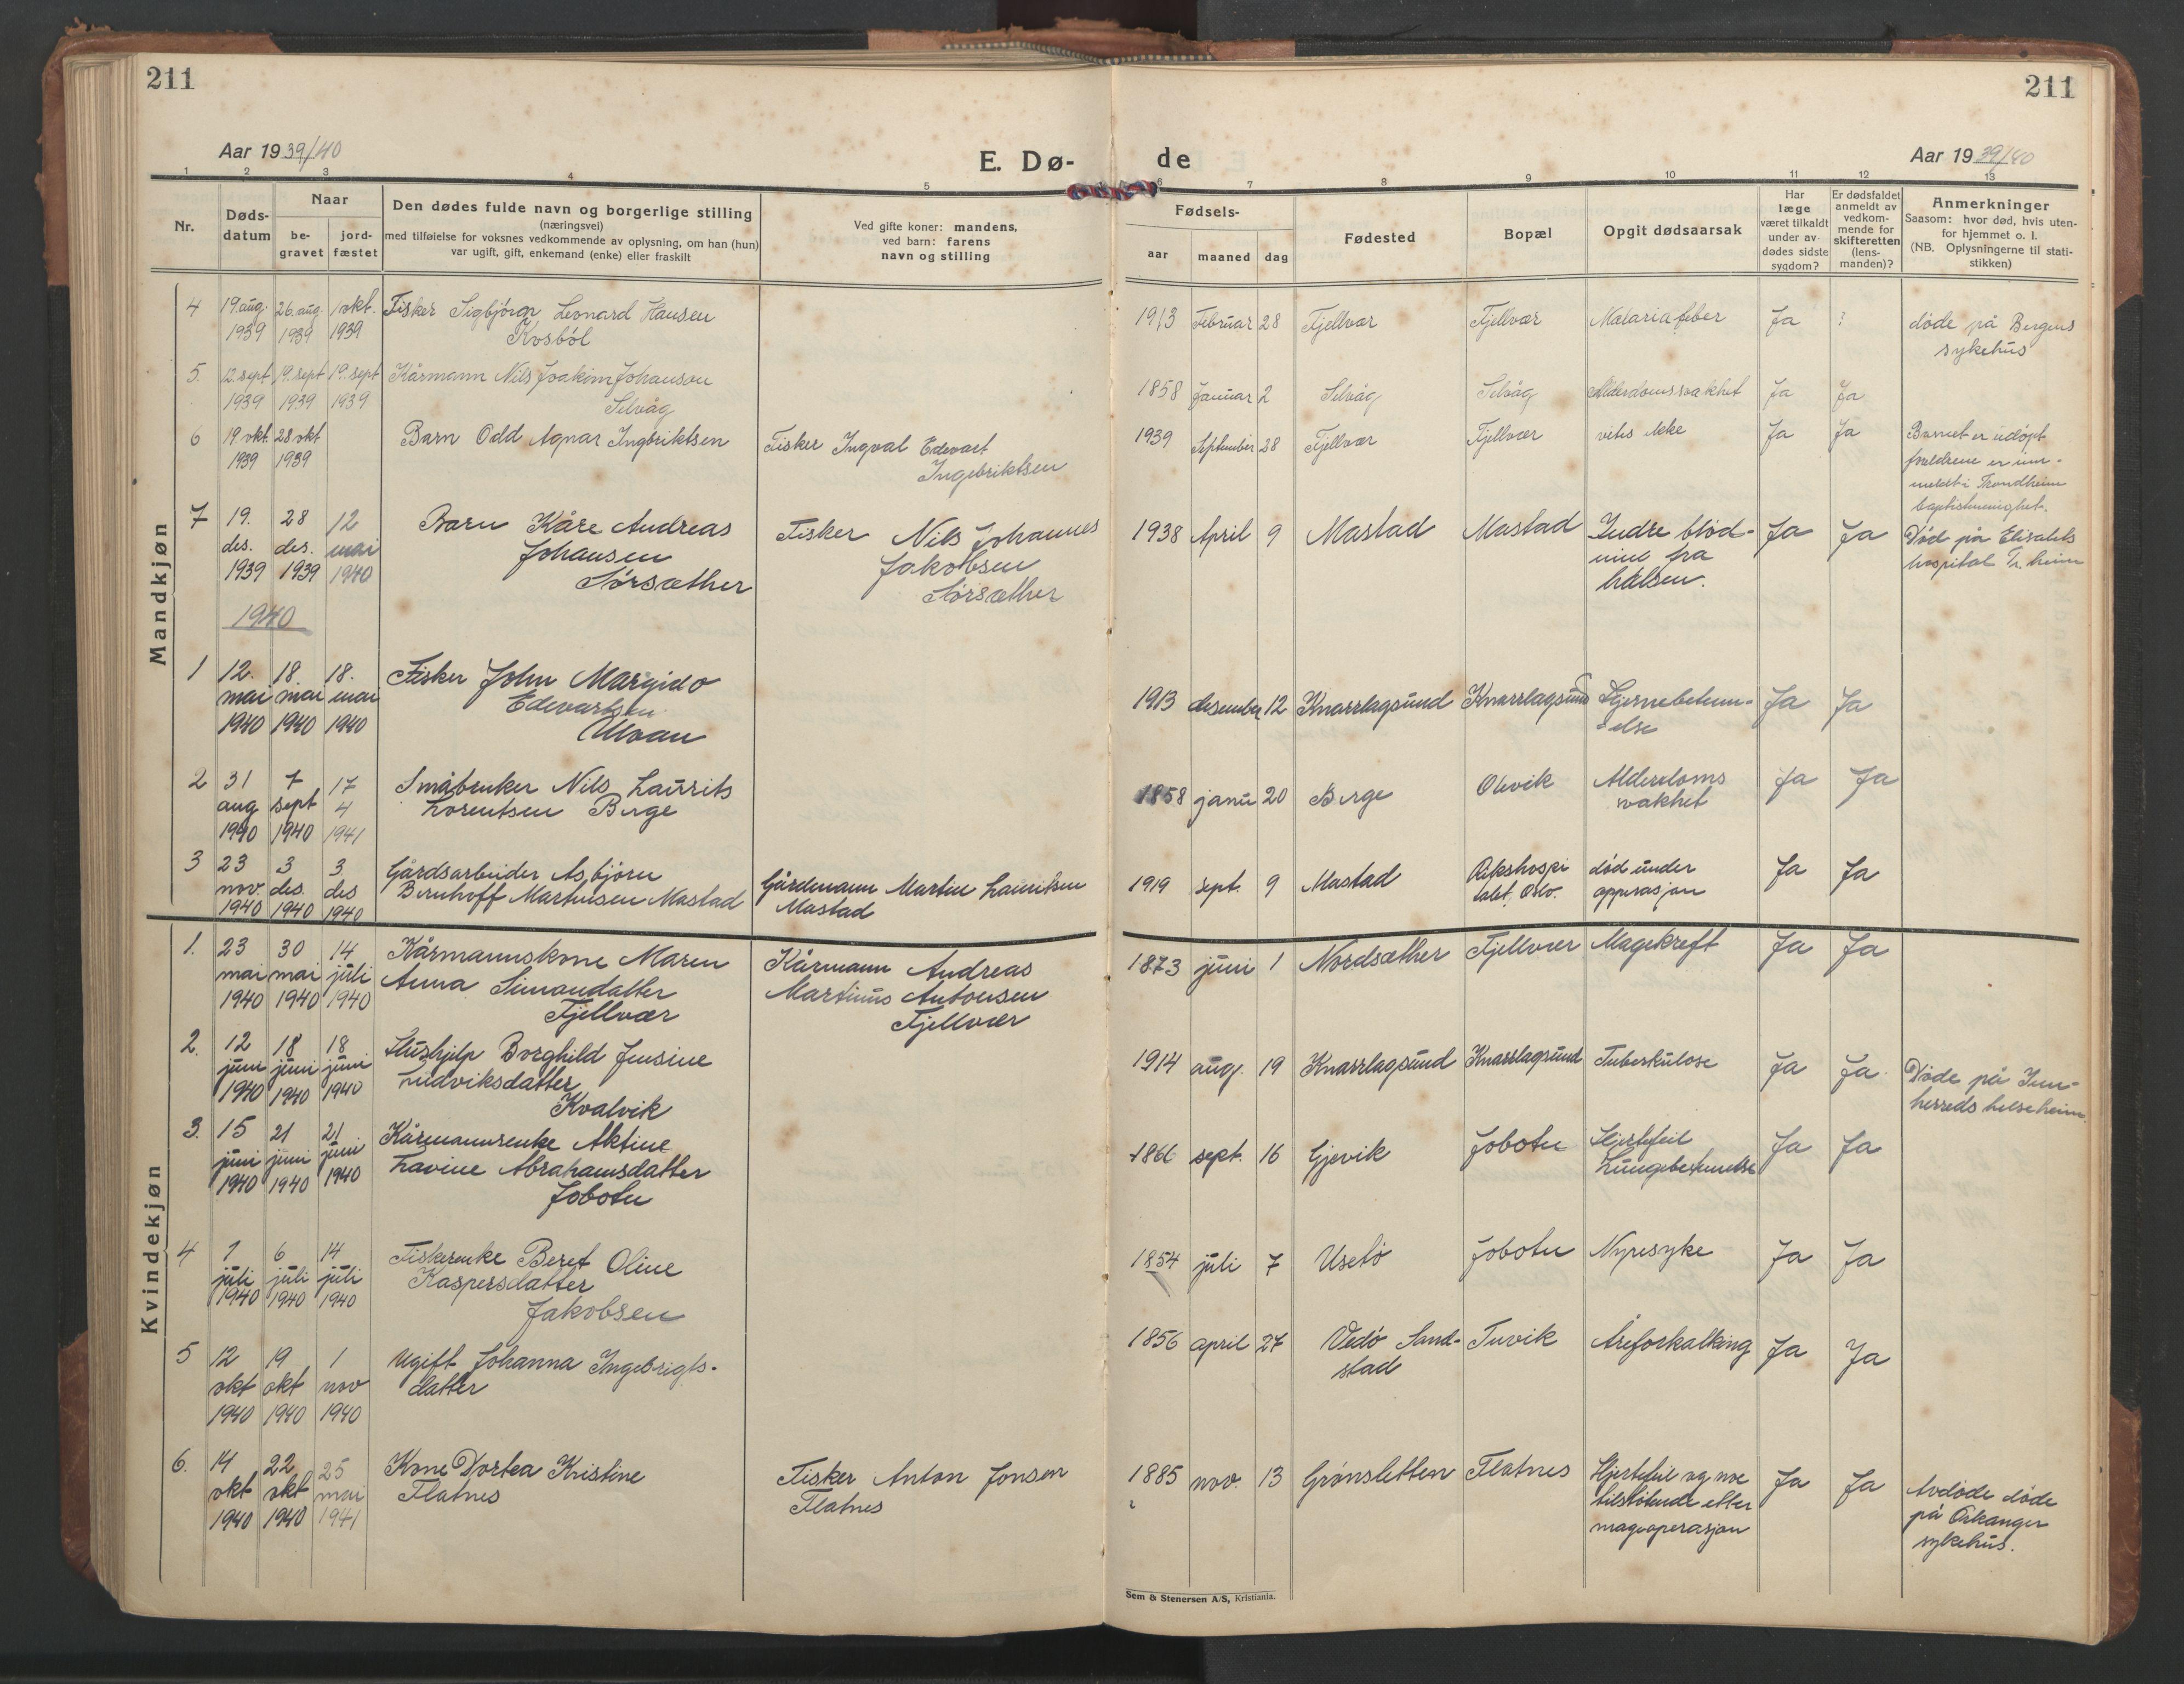 SAT, Ministerialprotokoller, klokkerbøker og fødselsregistre - Sør-Trøndelag, 638/L0569: Klokkerbok nr. 638C01, 1923-1961, s. 211